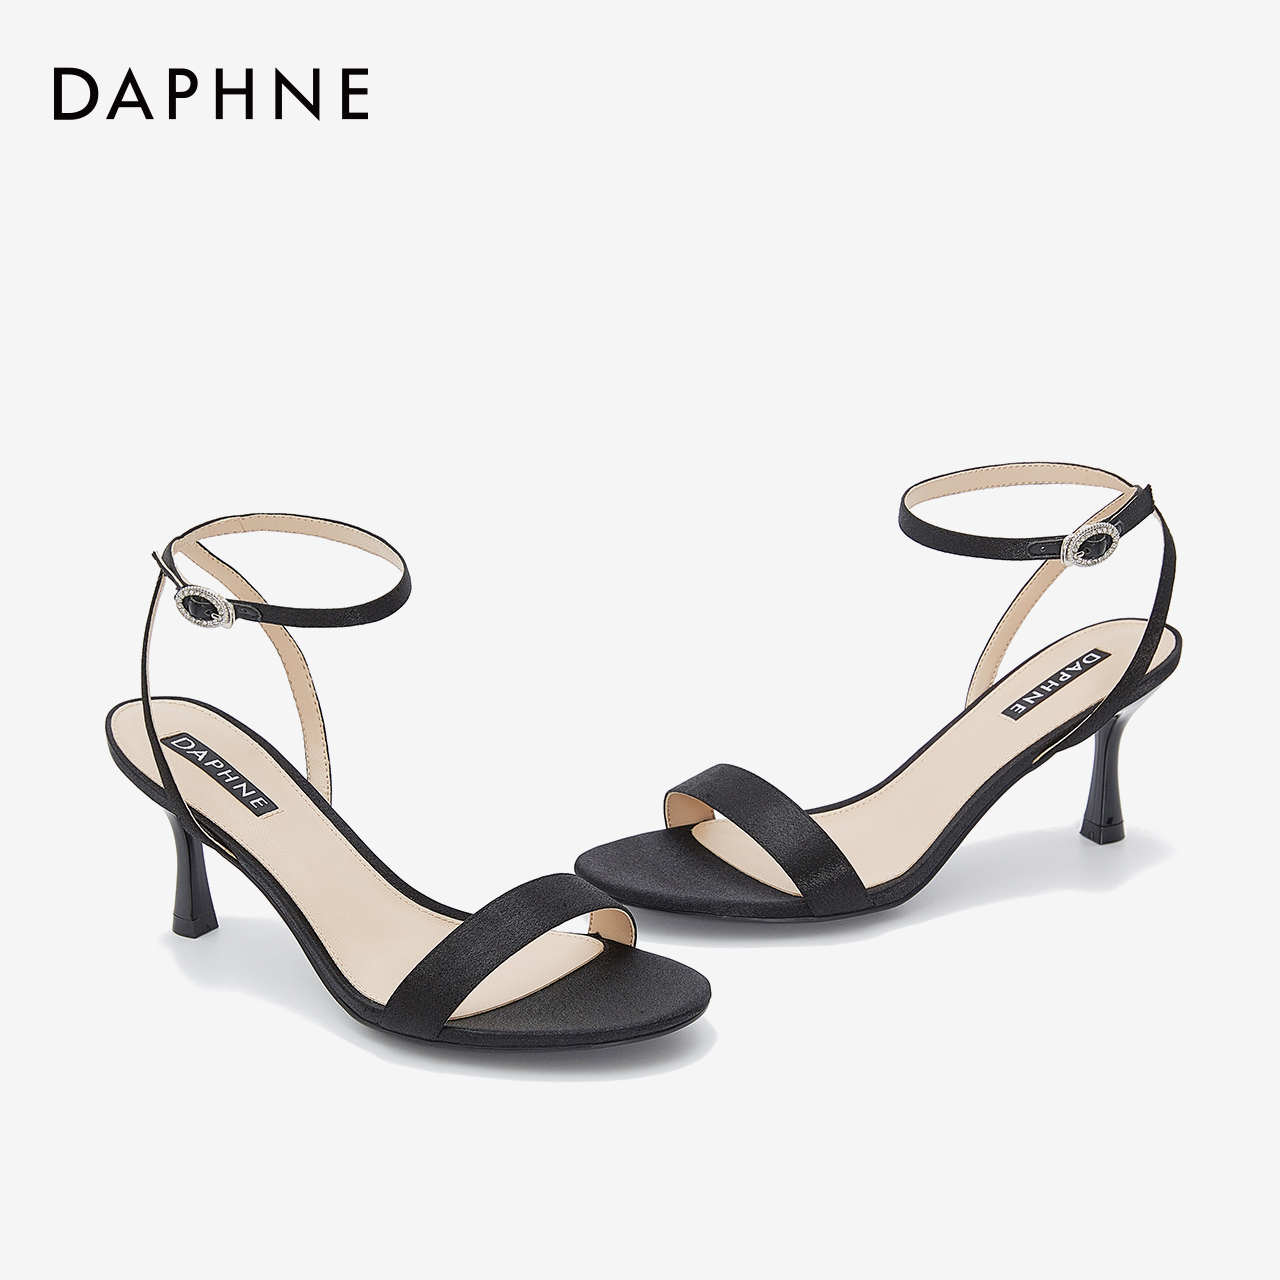 内里细高跟一字带凉鞋宴会礼服 PU 年夏季新款女鞋丝光布 2020 达芙妮